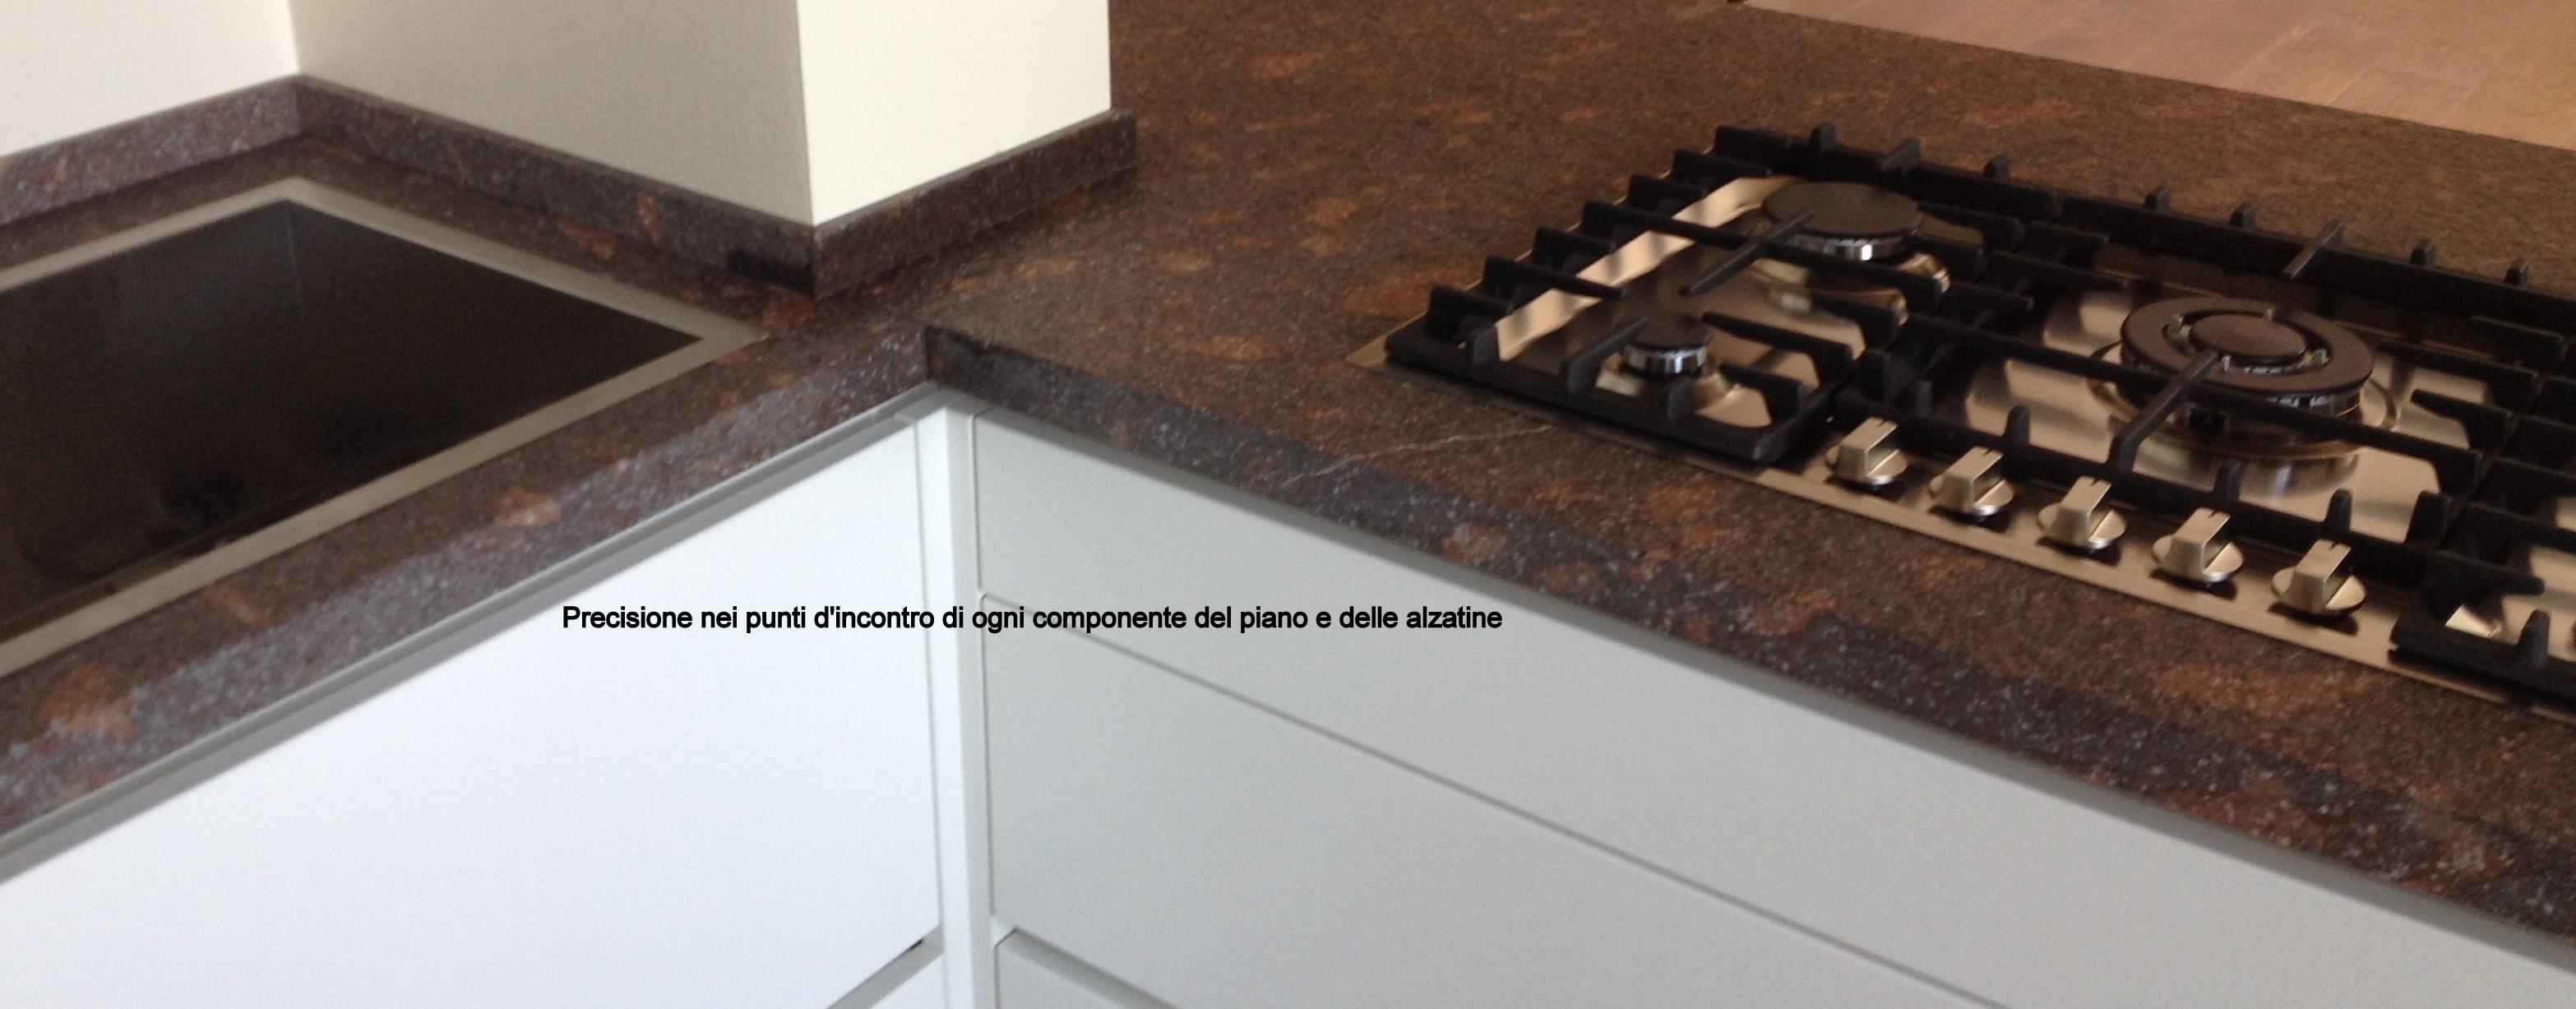 Valorizzare il Top Cucina - Lavorazioni in marmo PadovaLavorazioni ...